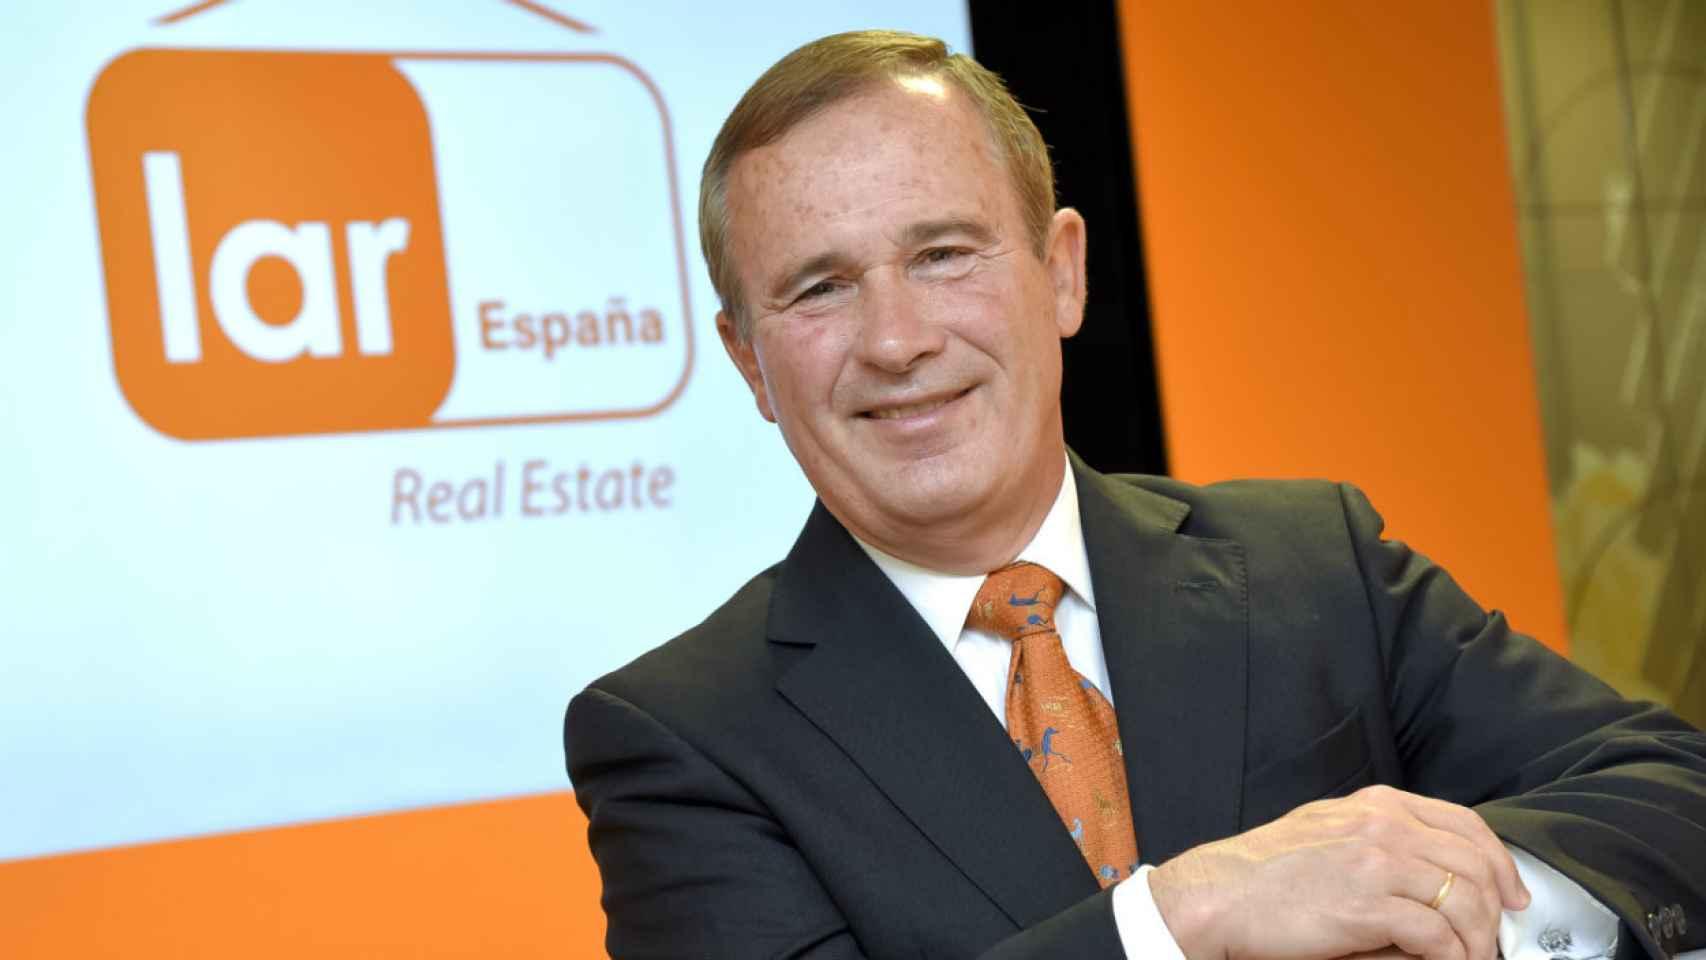 José Luis del Valle, presidente de Lar.